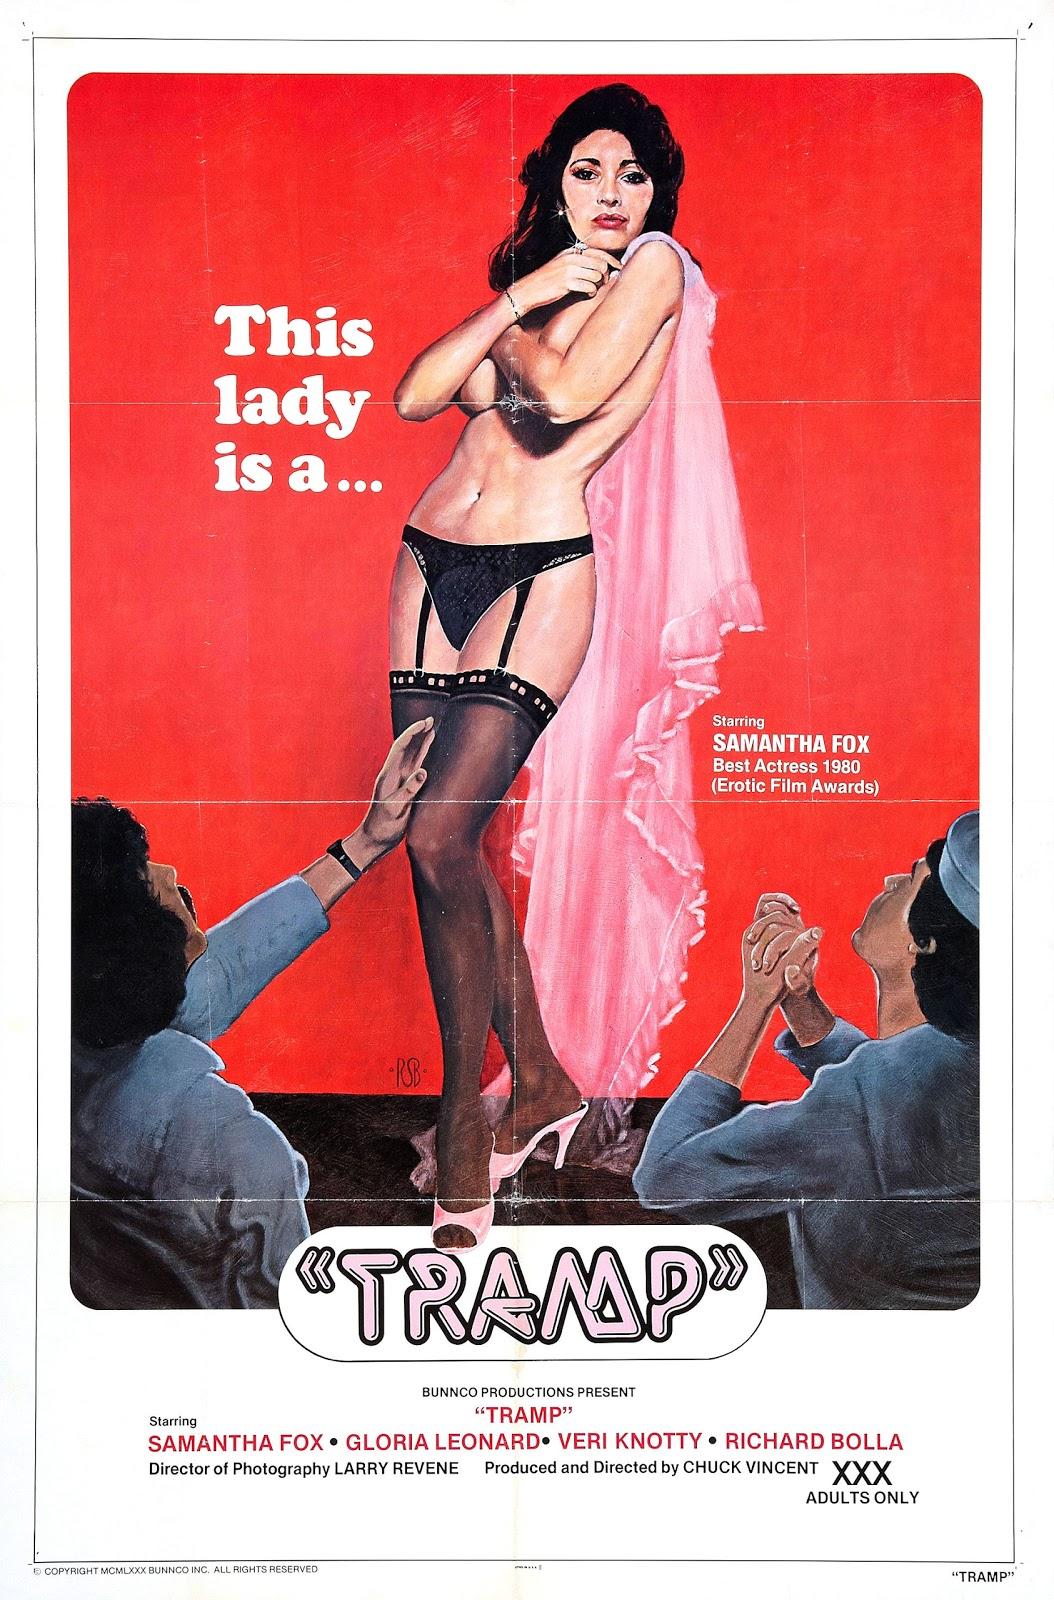 http://3.bp.blogspot.com/-dY_5kkb0eyg/TtI3lmZwAXI/AAAAAAAAA0k/fzH8S9BvYBY/s1600/tramp_poster_01.jpg